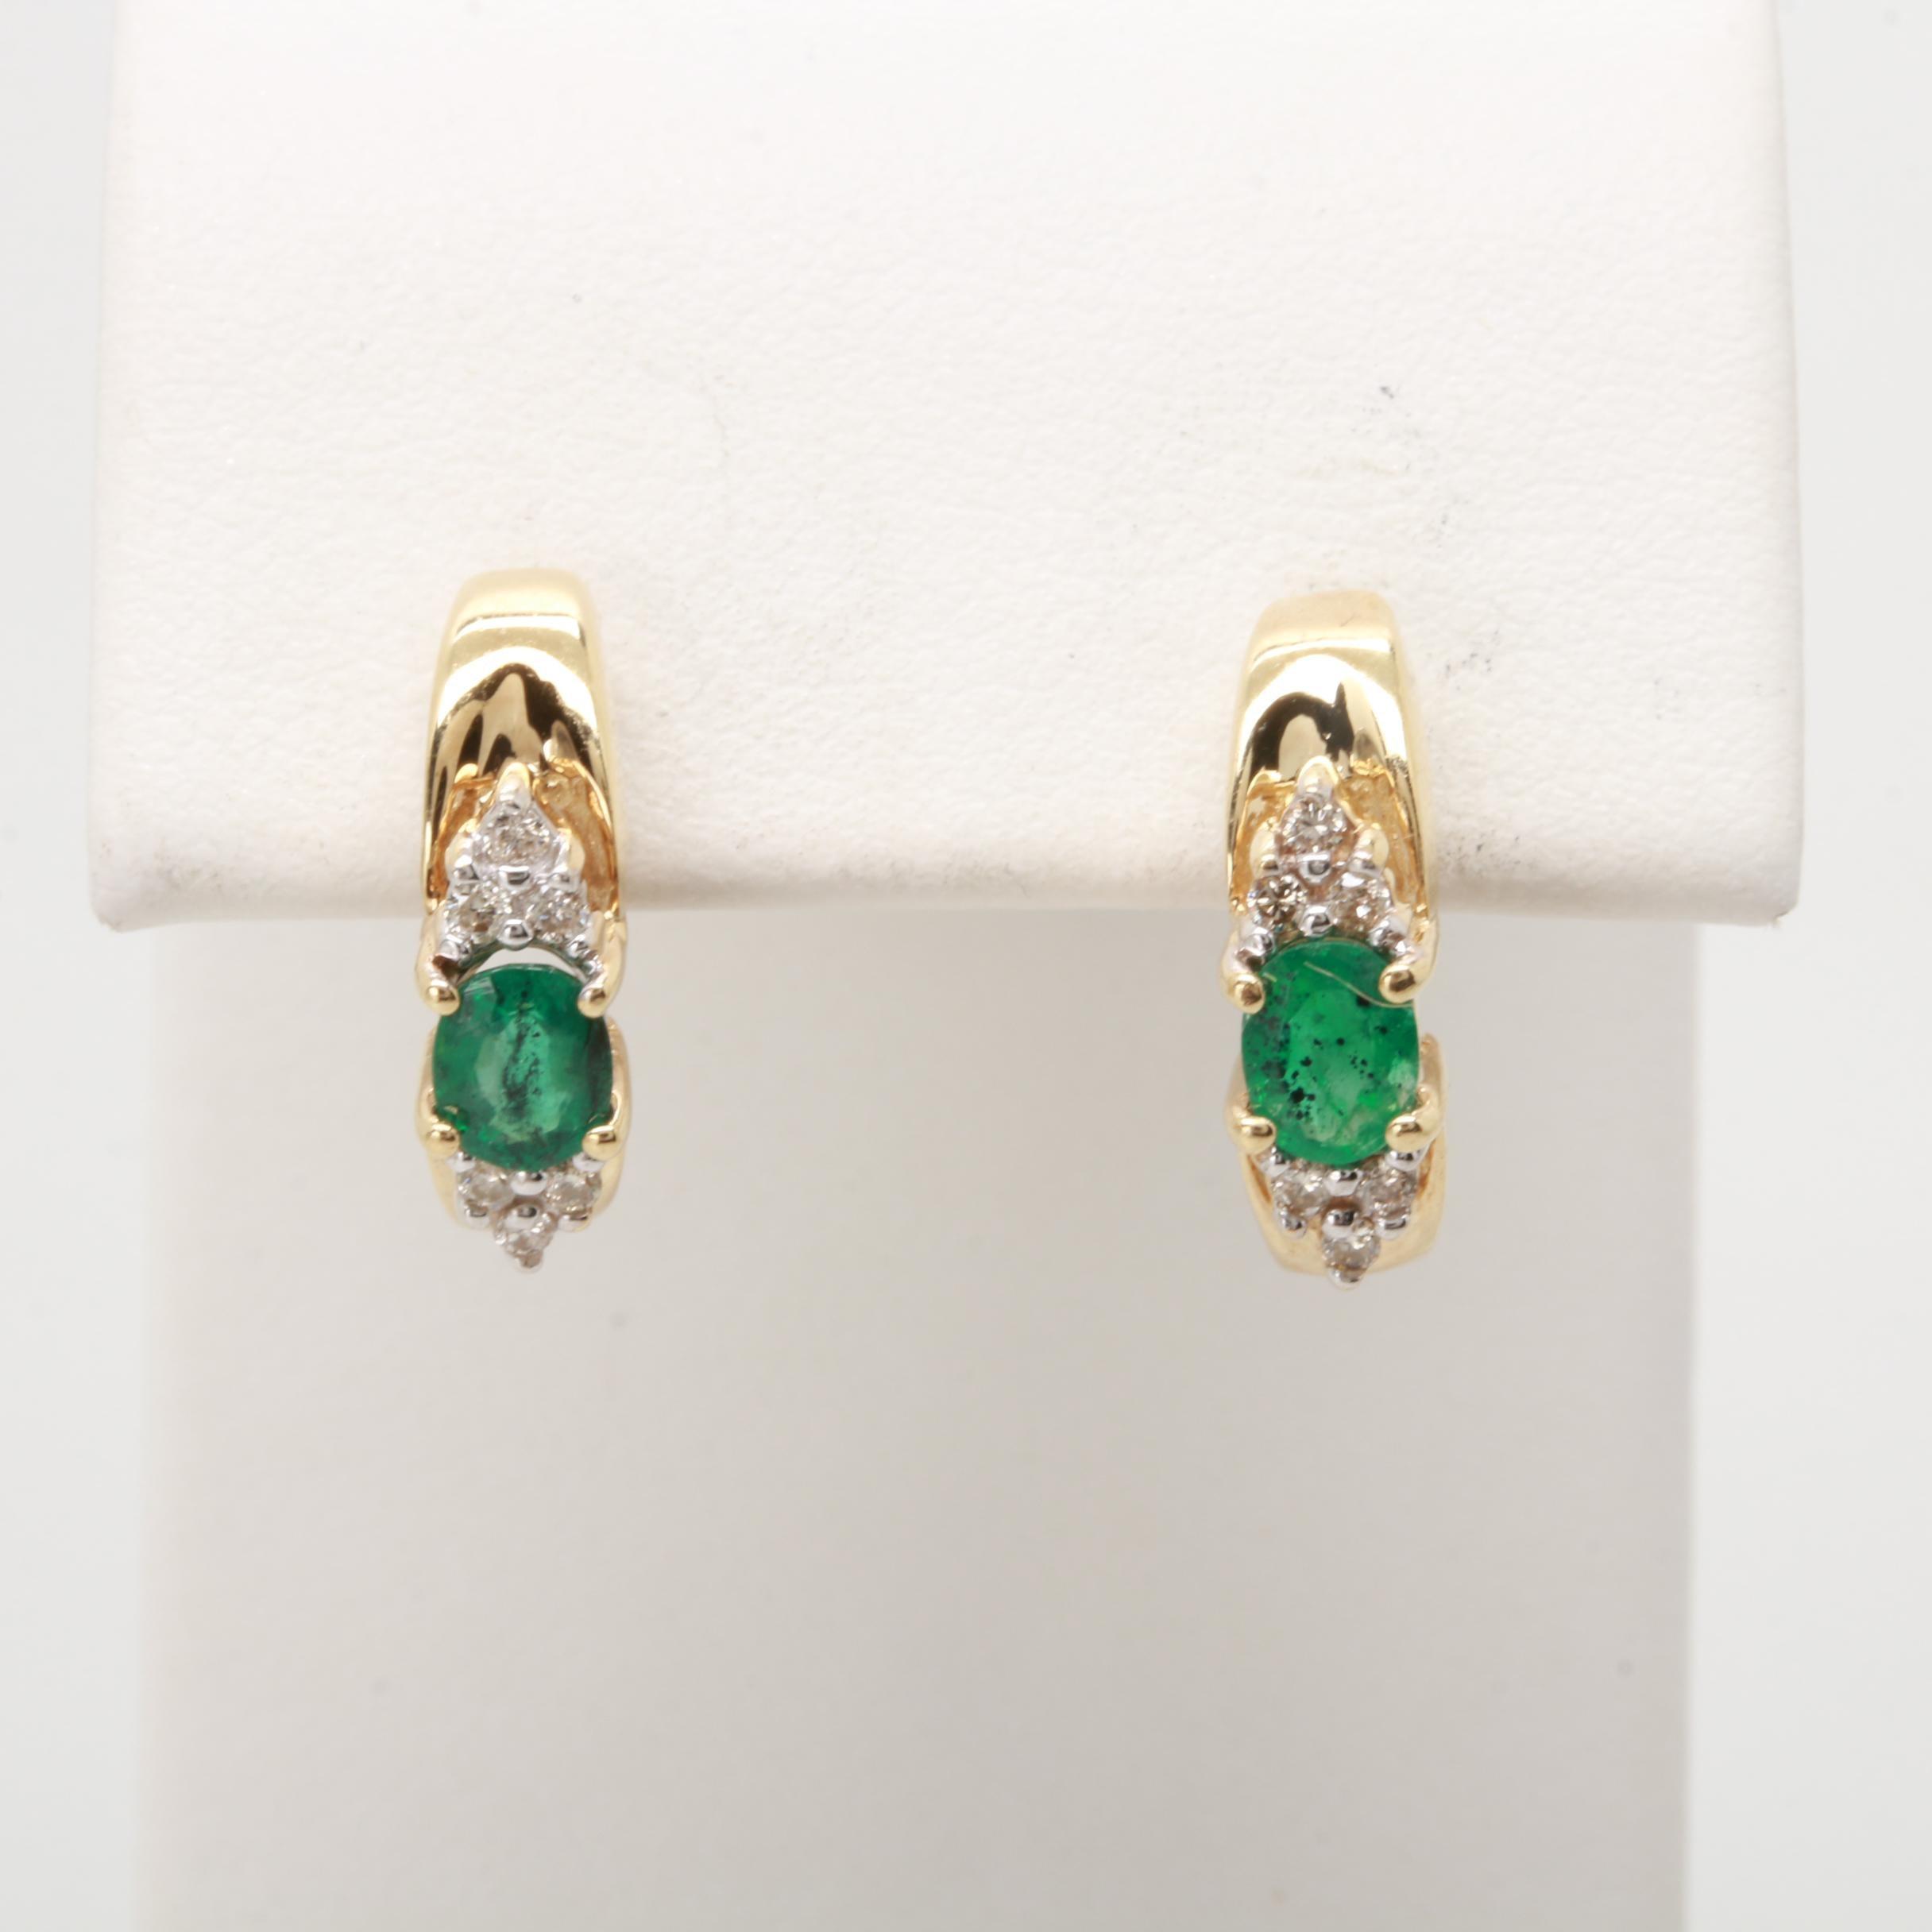 10K Yellow Gold Emerald and Diamond Half Hoop Earrings